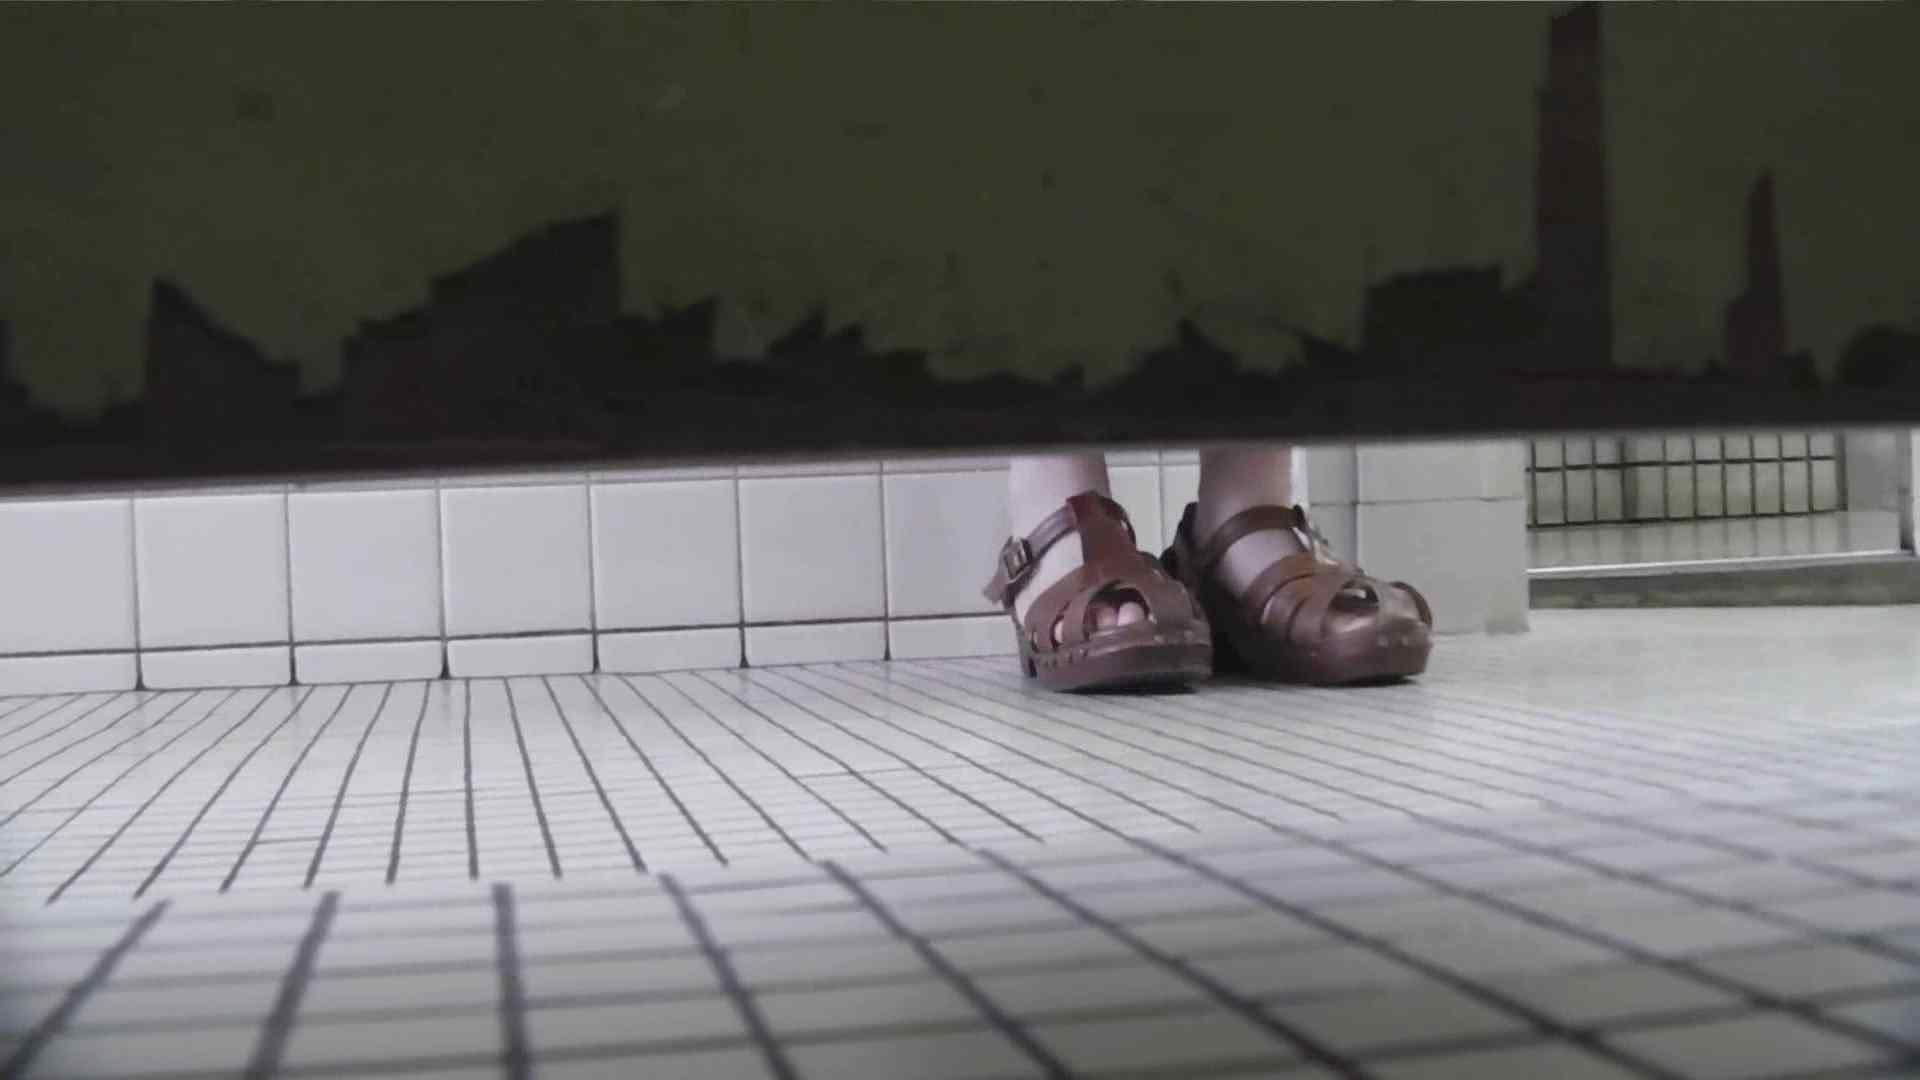 【美しき個室な世界】 vol.018 ピンクのおネエタン 洗面所  48画像 46